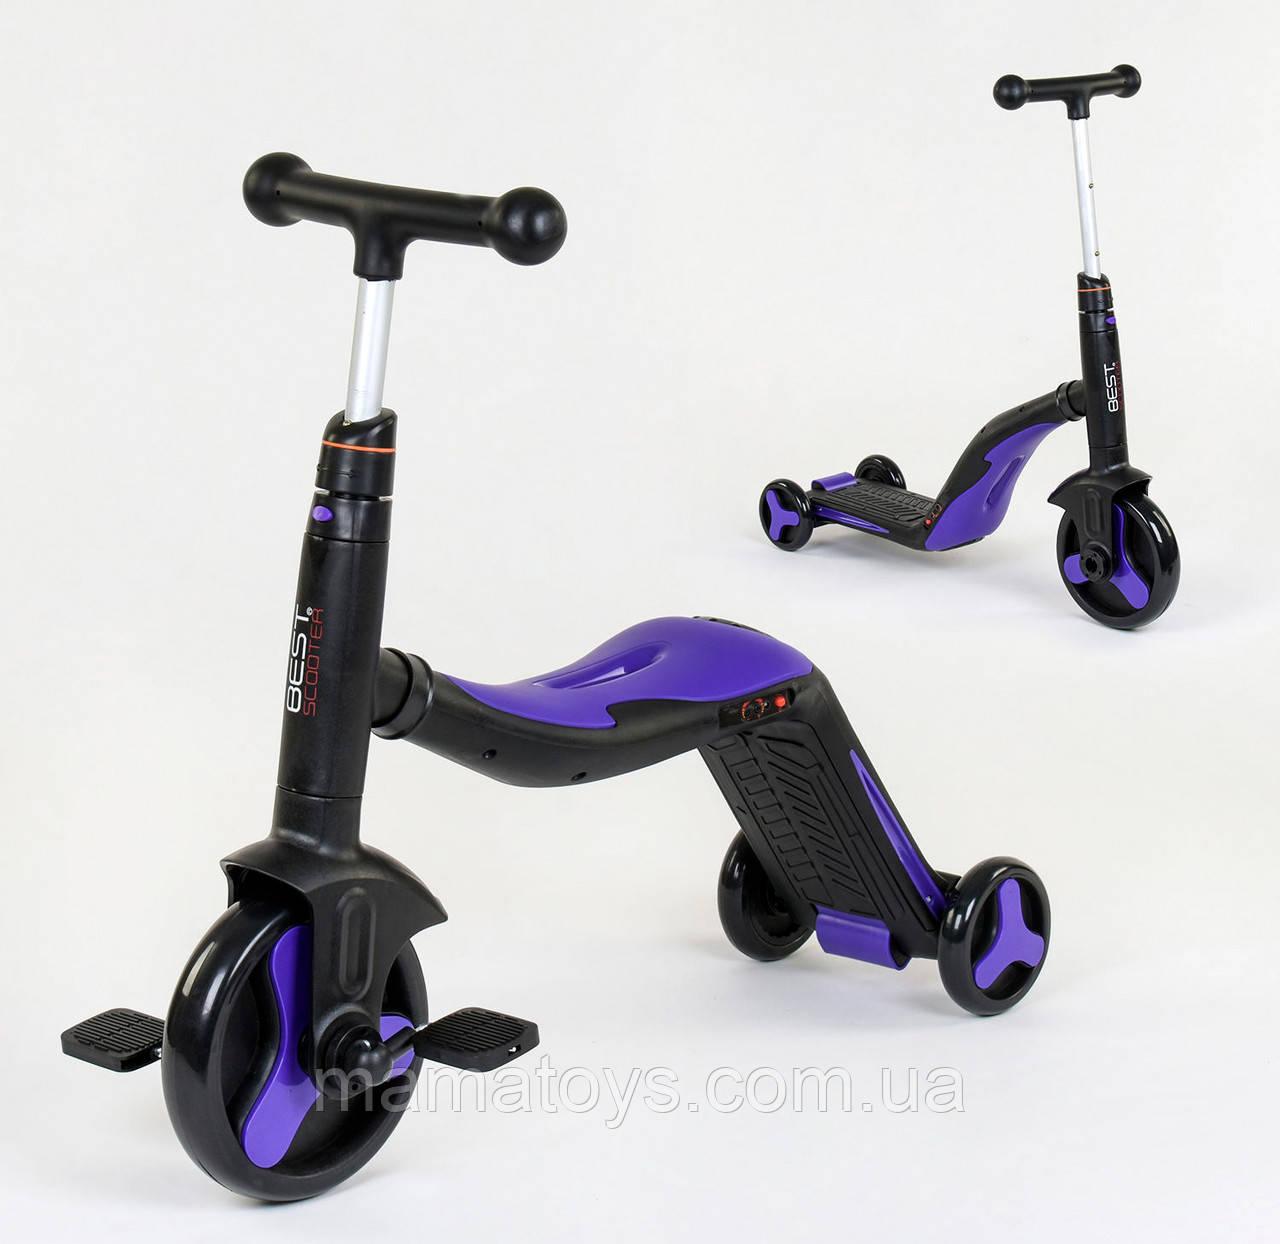 Детский Самокат Беговел велосипед 3 в 1 JT 3034 Best Scooter Синий Подсветка, 8 мелодий, колёса PU